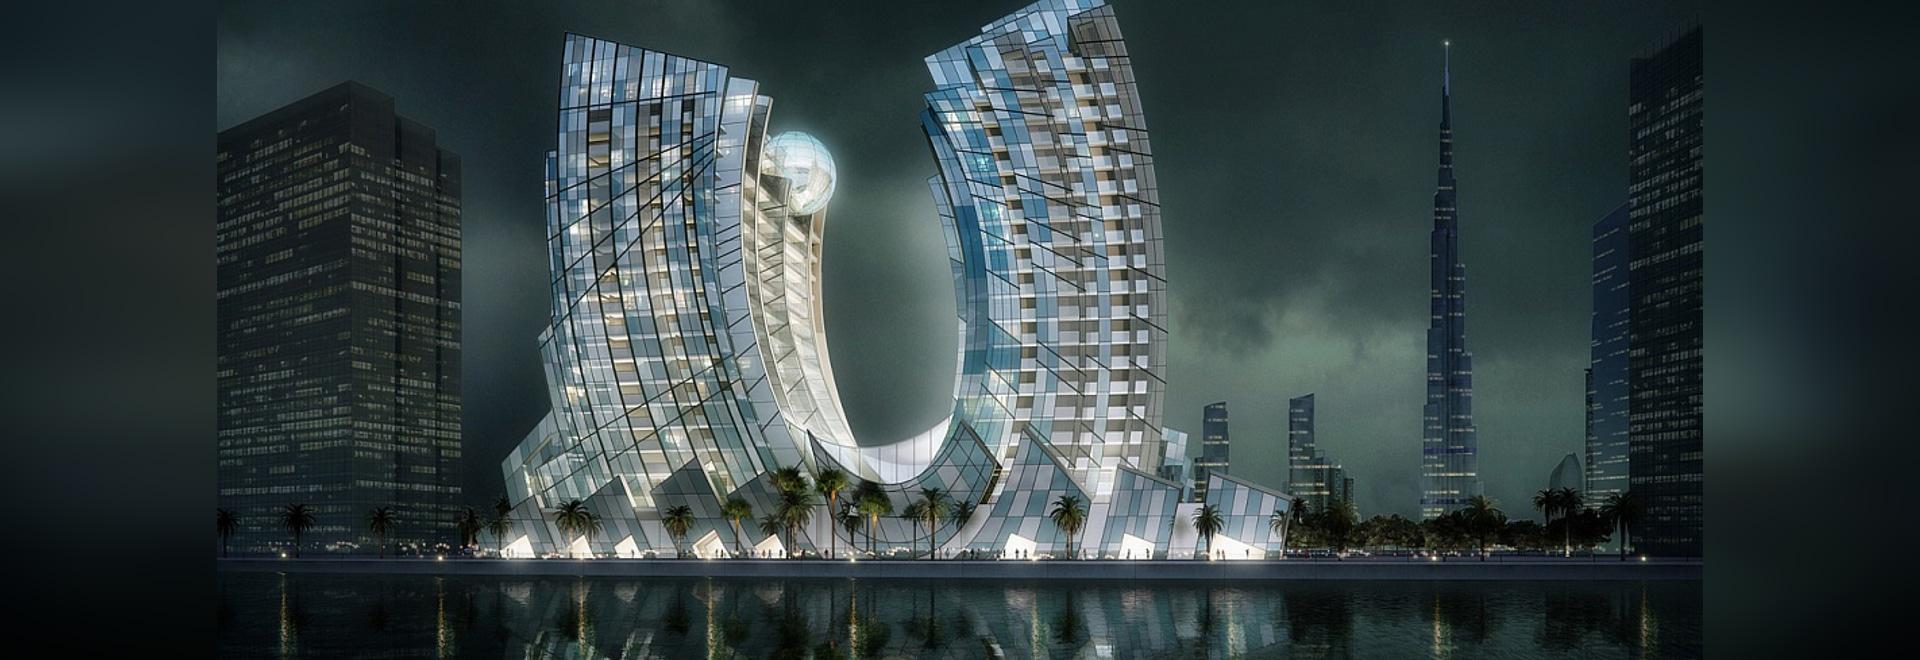 """J uno, """"la joya de Dubai"""". Cortesía de RKM Durar"""